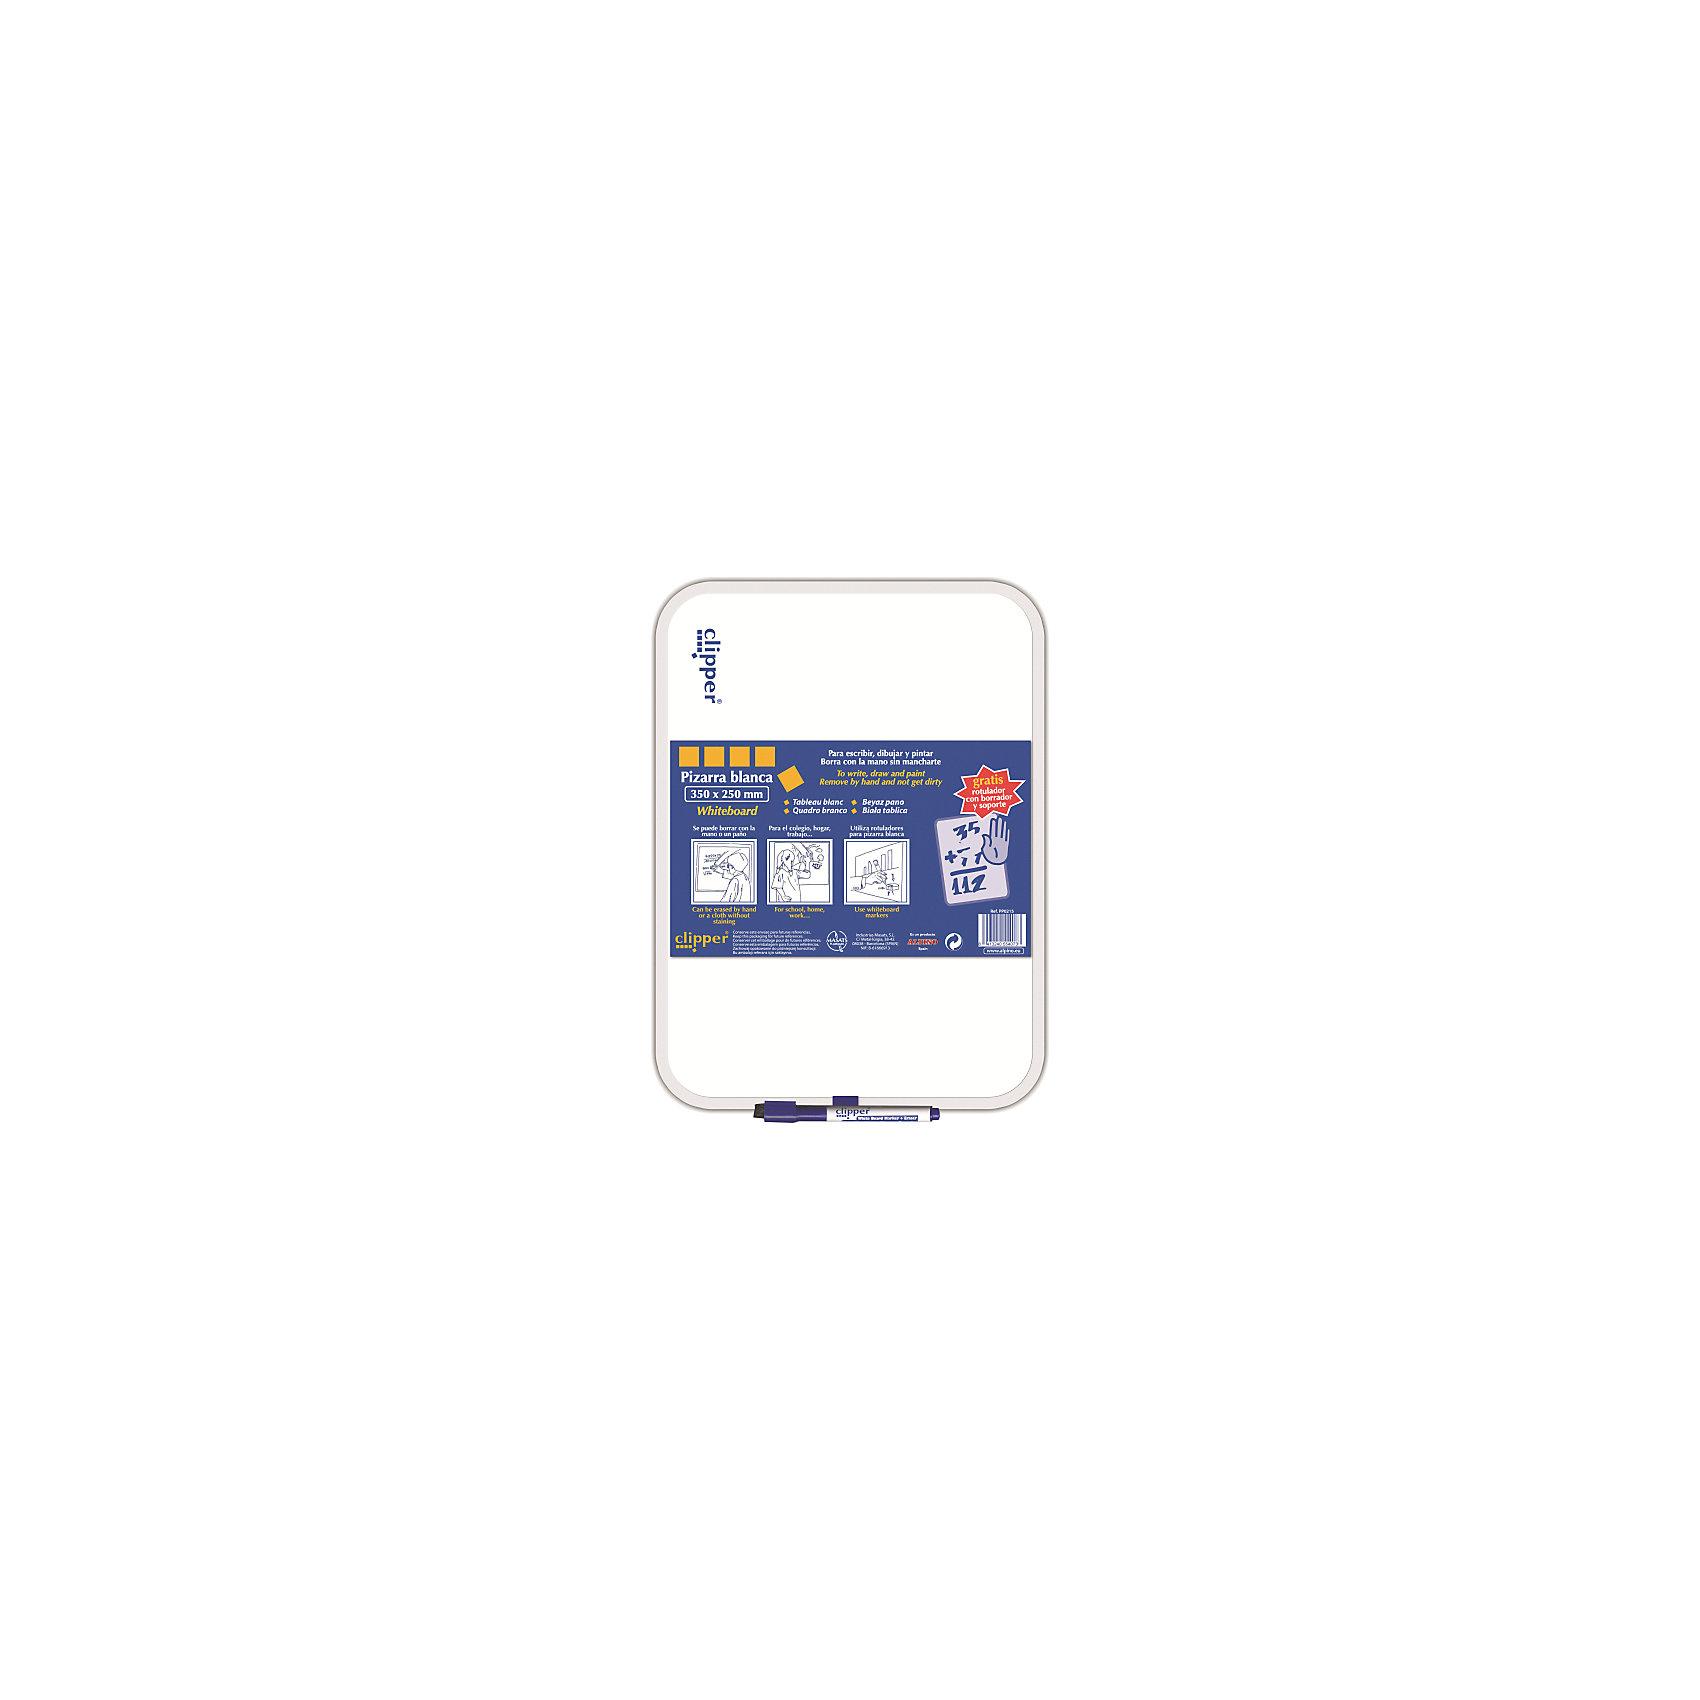 Маркерная доска, цвет белый, 35 x 25 см, 1 шт + маркер  американские журнальные столики